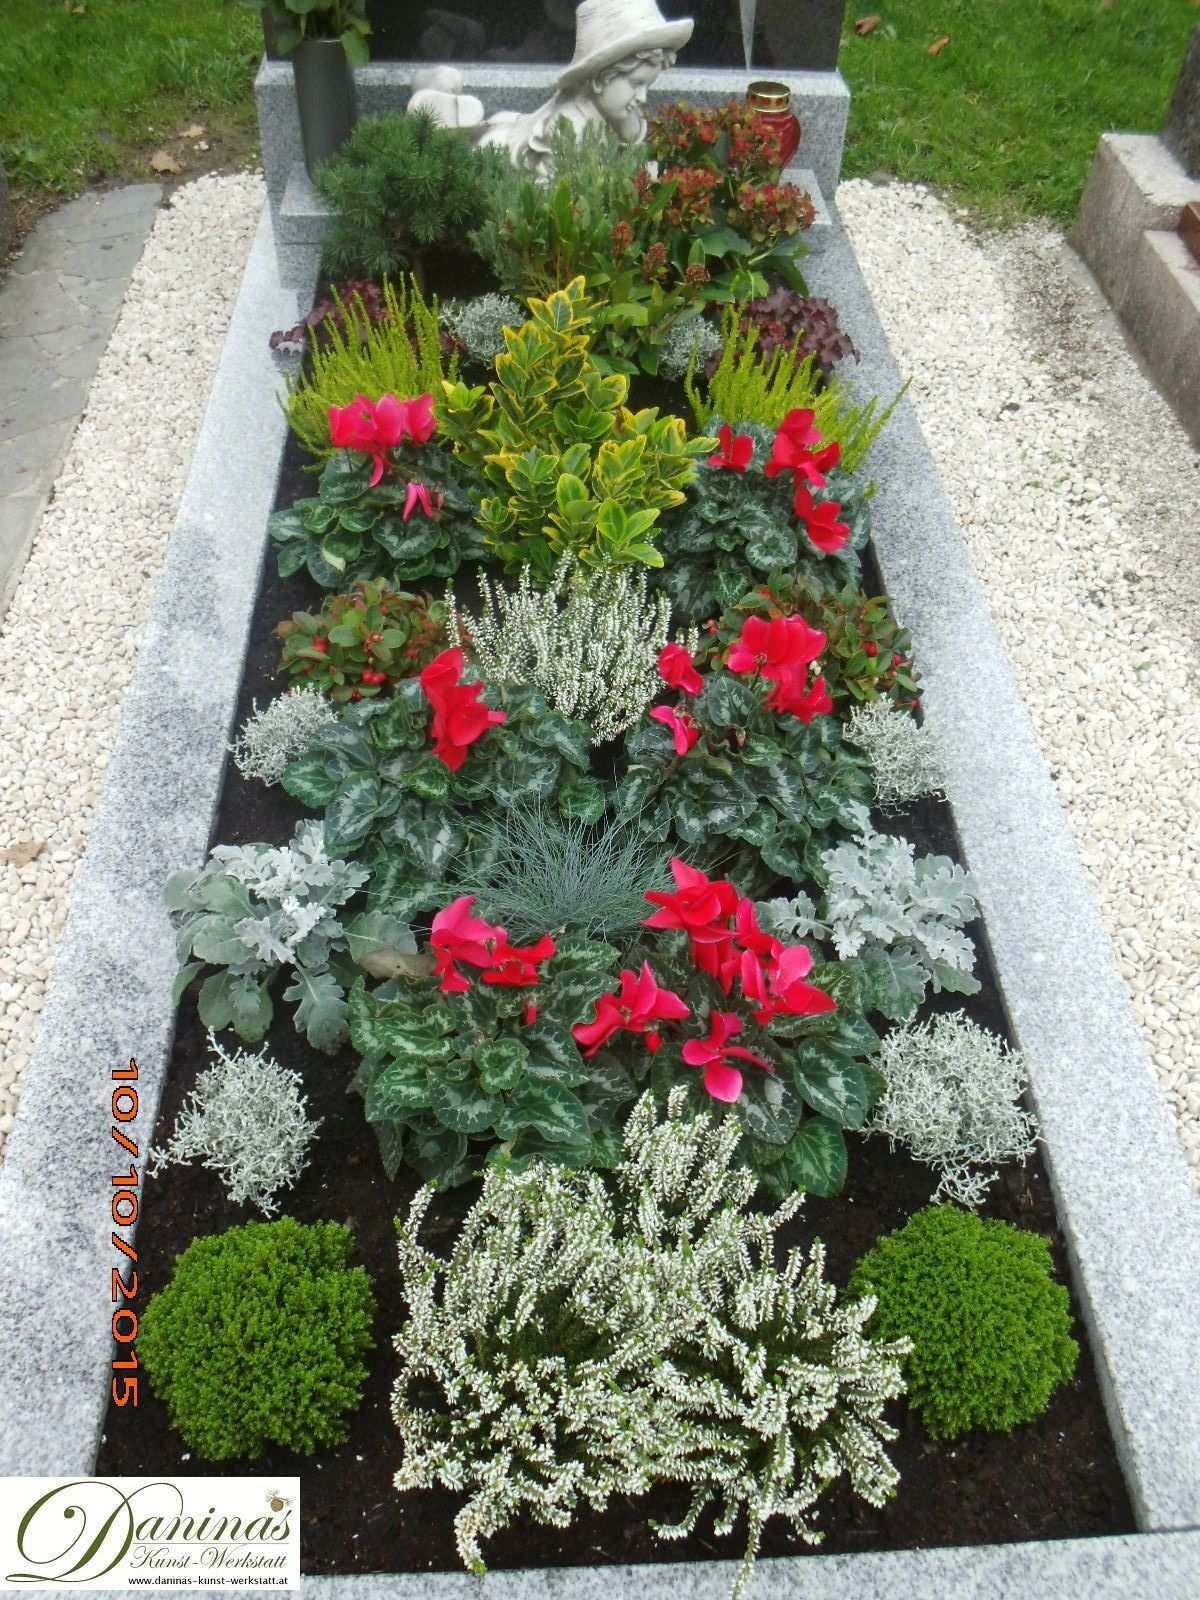 Grabgestaltung Herbst Friedhofsblumen Grabgestaltung Herbst Ideen Und Viele Grabbepflanzung Beispiele Und Tipps Memorial Garden Front Garden Entrance Plants